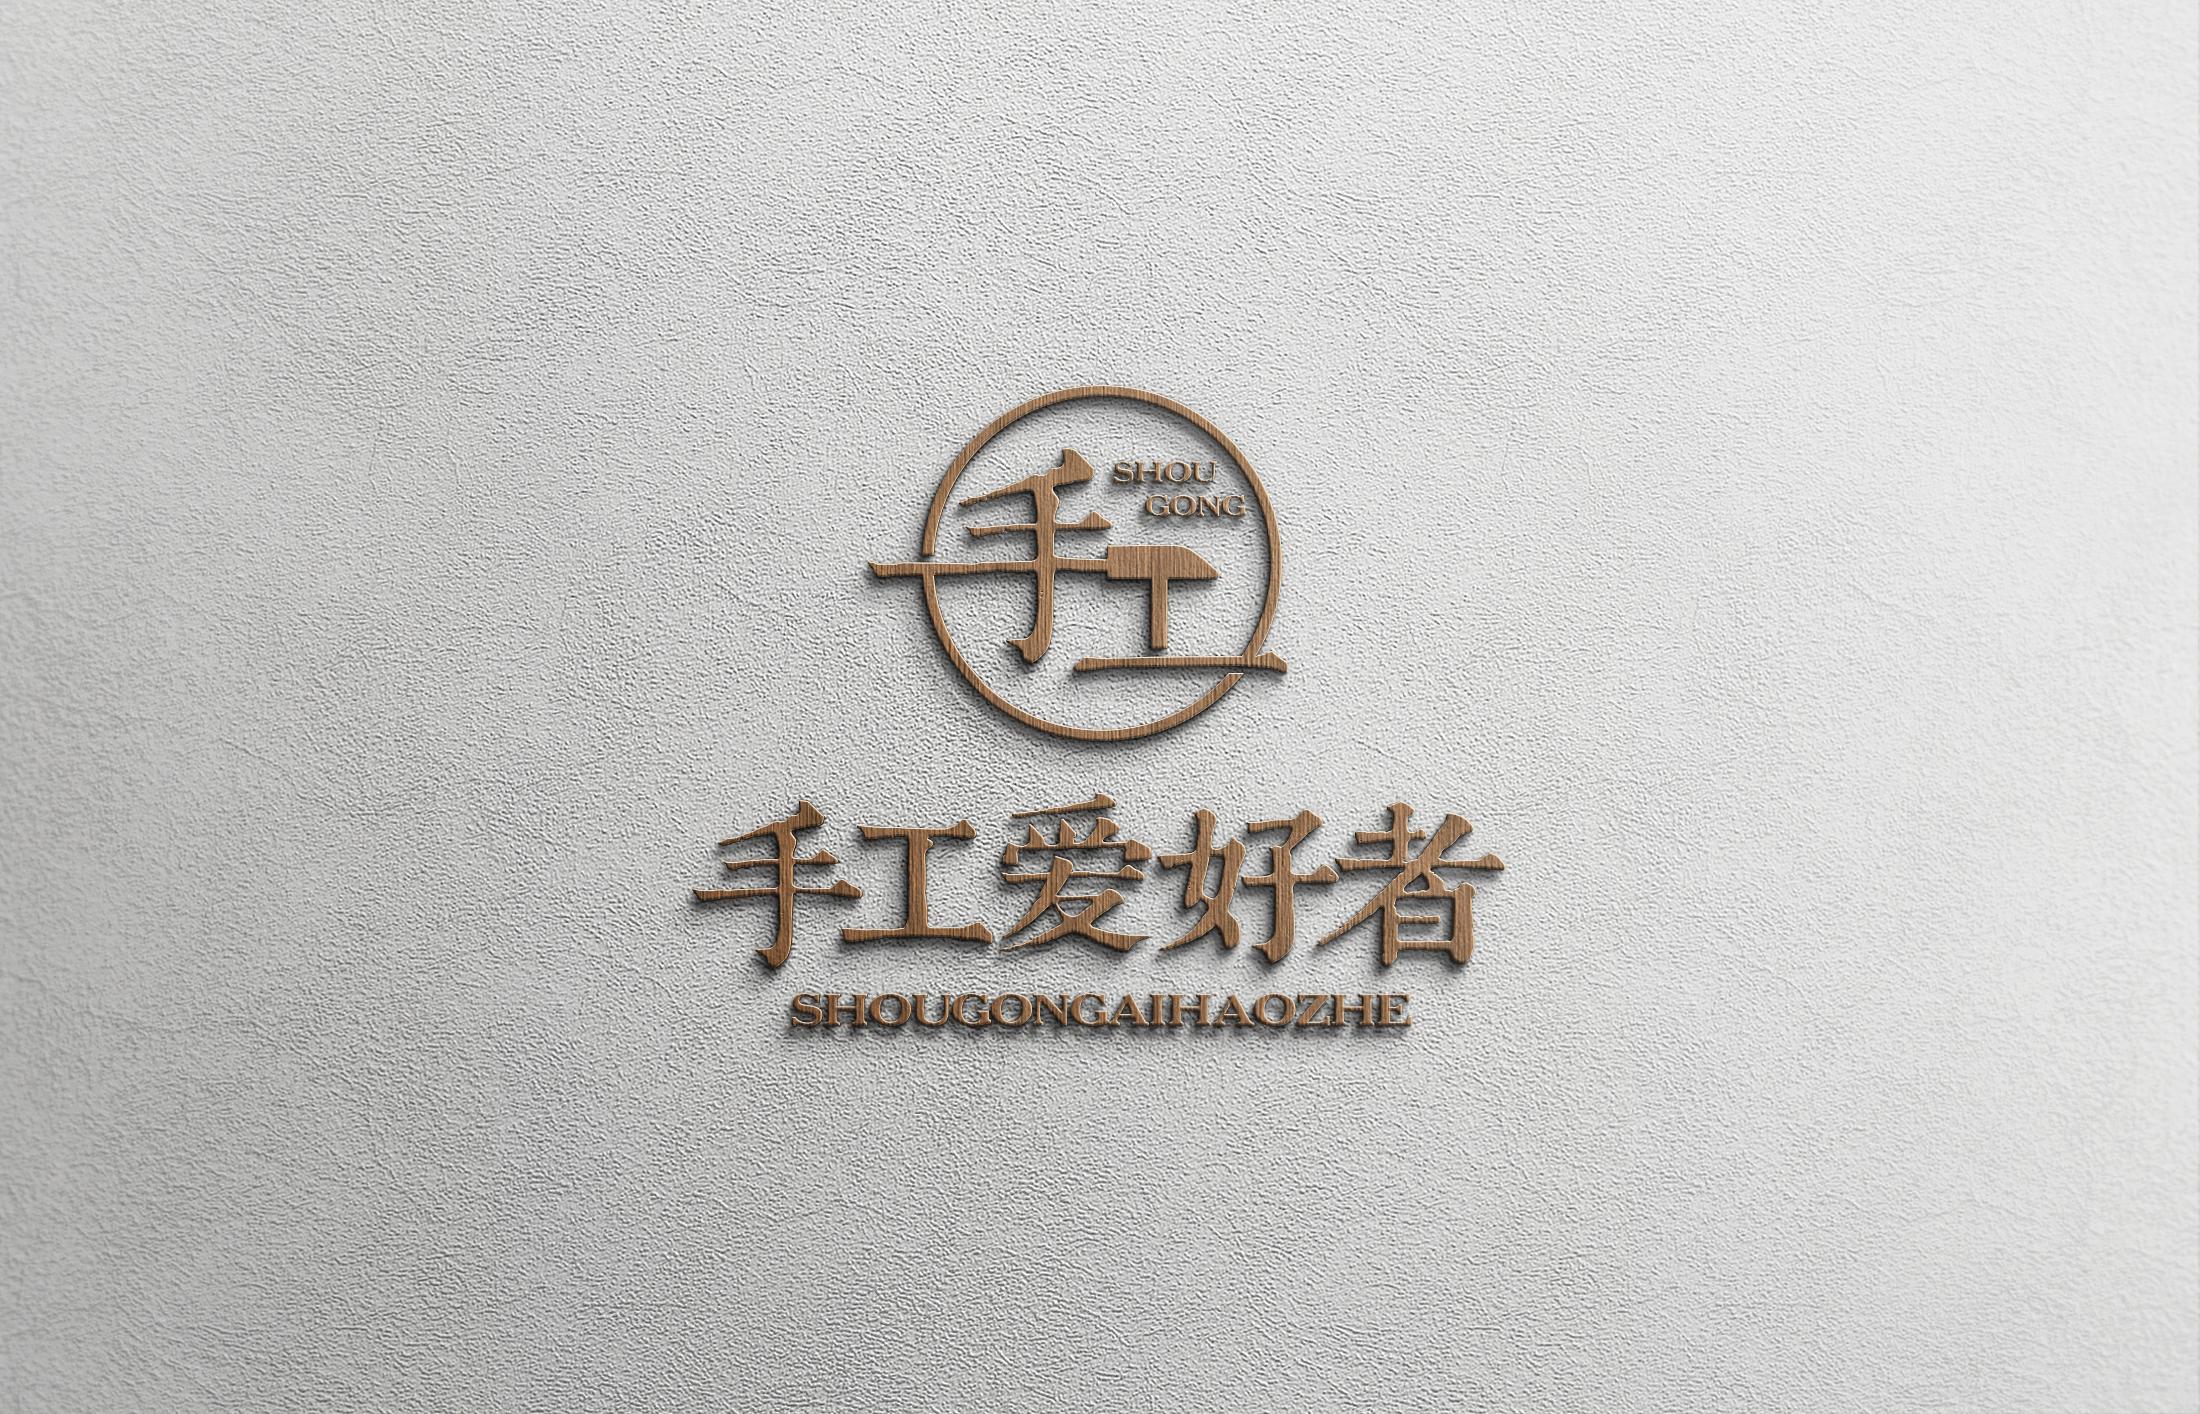 手工爱好者Logo征集_3034086_k68威客网